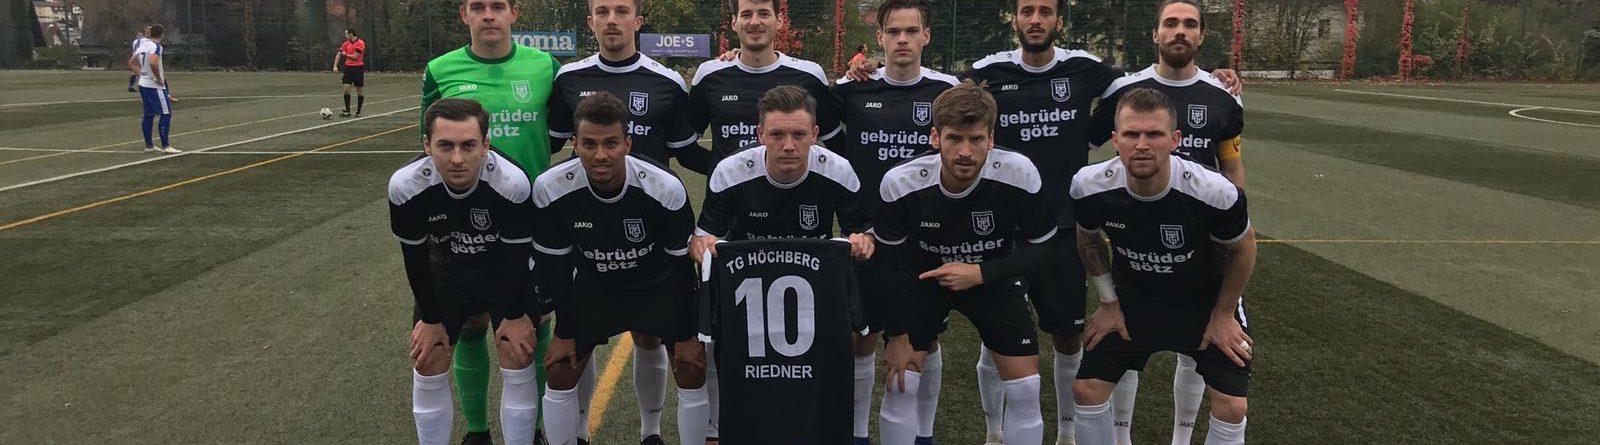 TGH gewinnt Derby gegen Unterpleichfeld